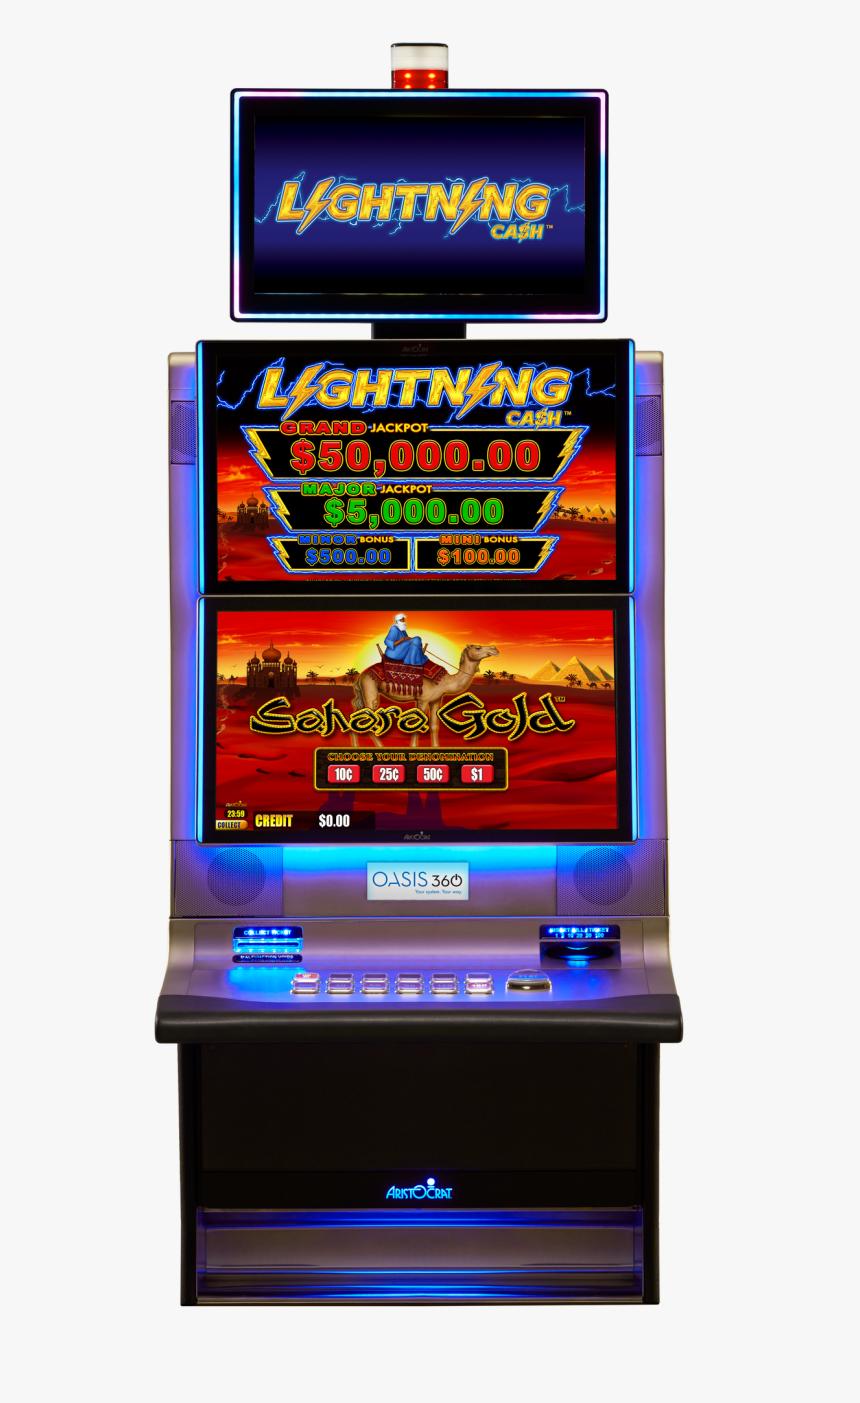 Lightning Link Pokie Machine Hd Png Download Kindpng